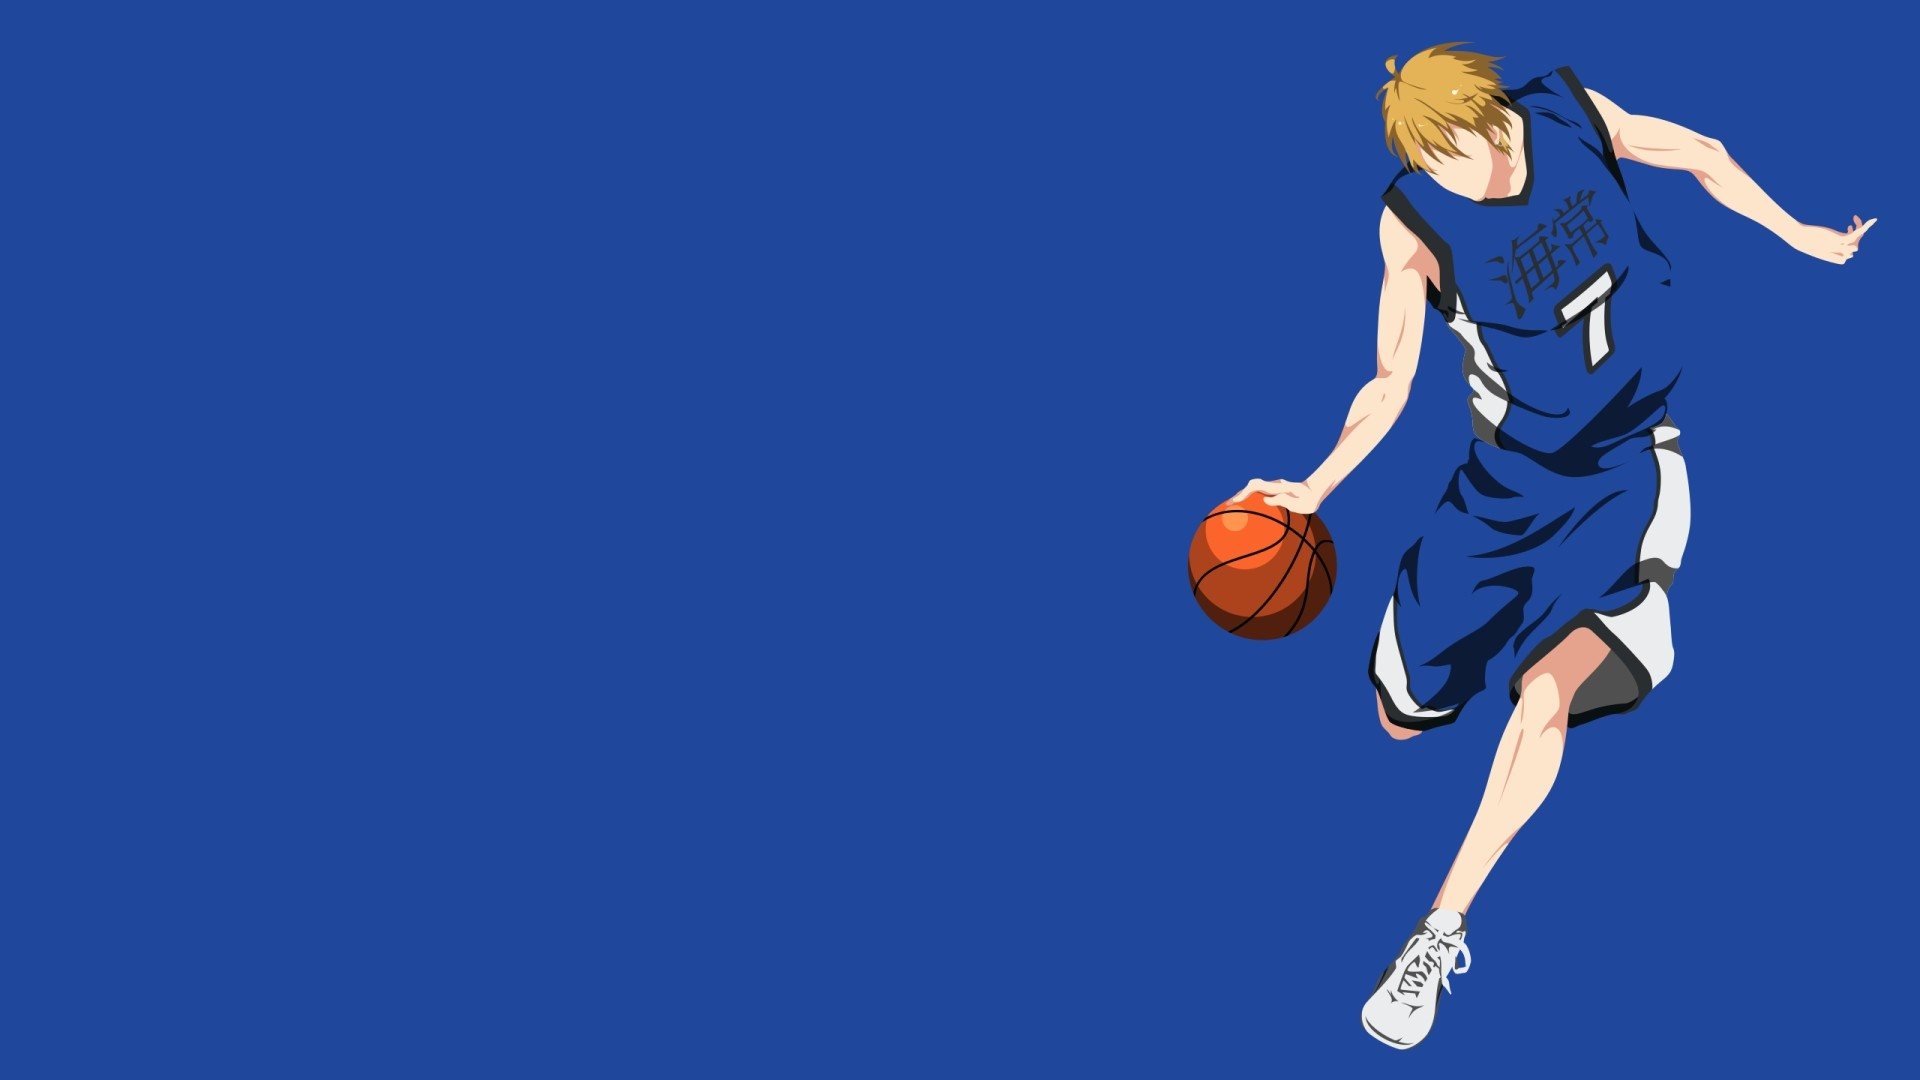 Cartoon Basketball Desktop Wallpaper